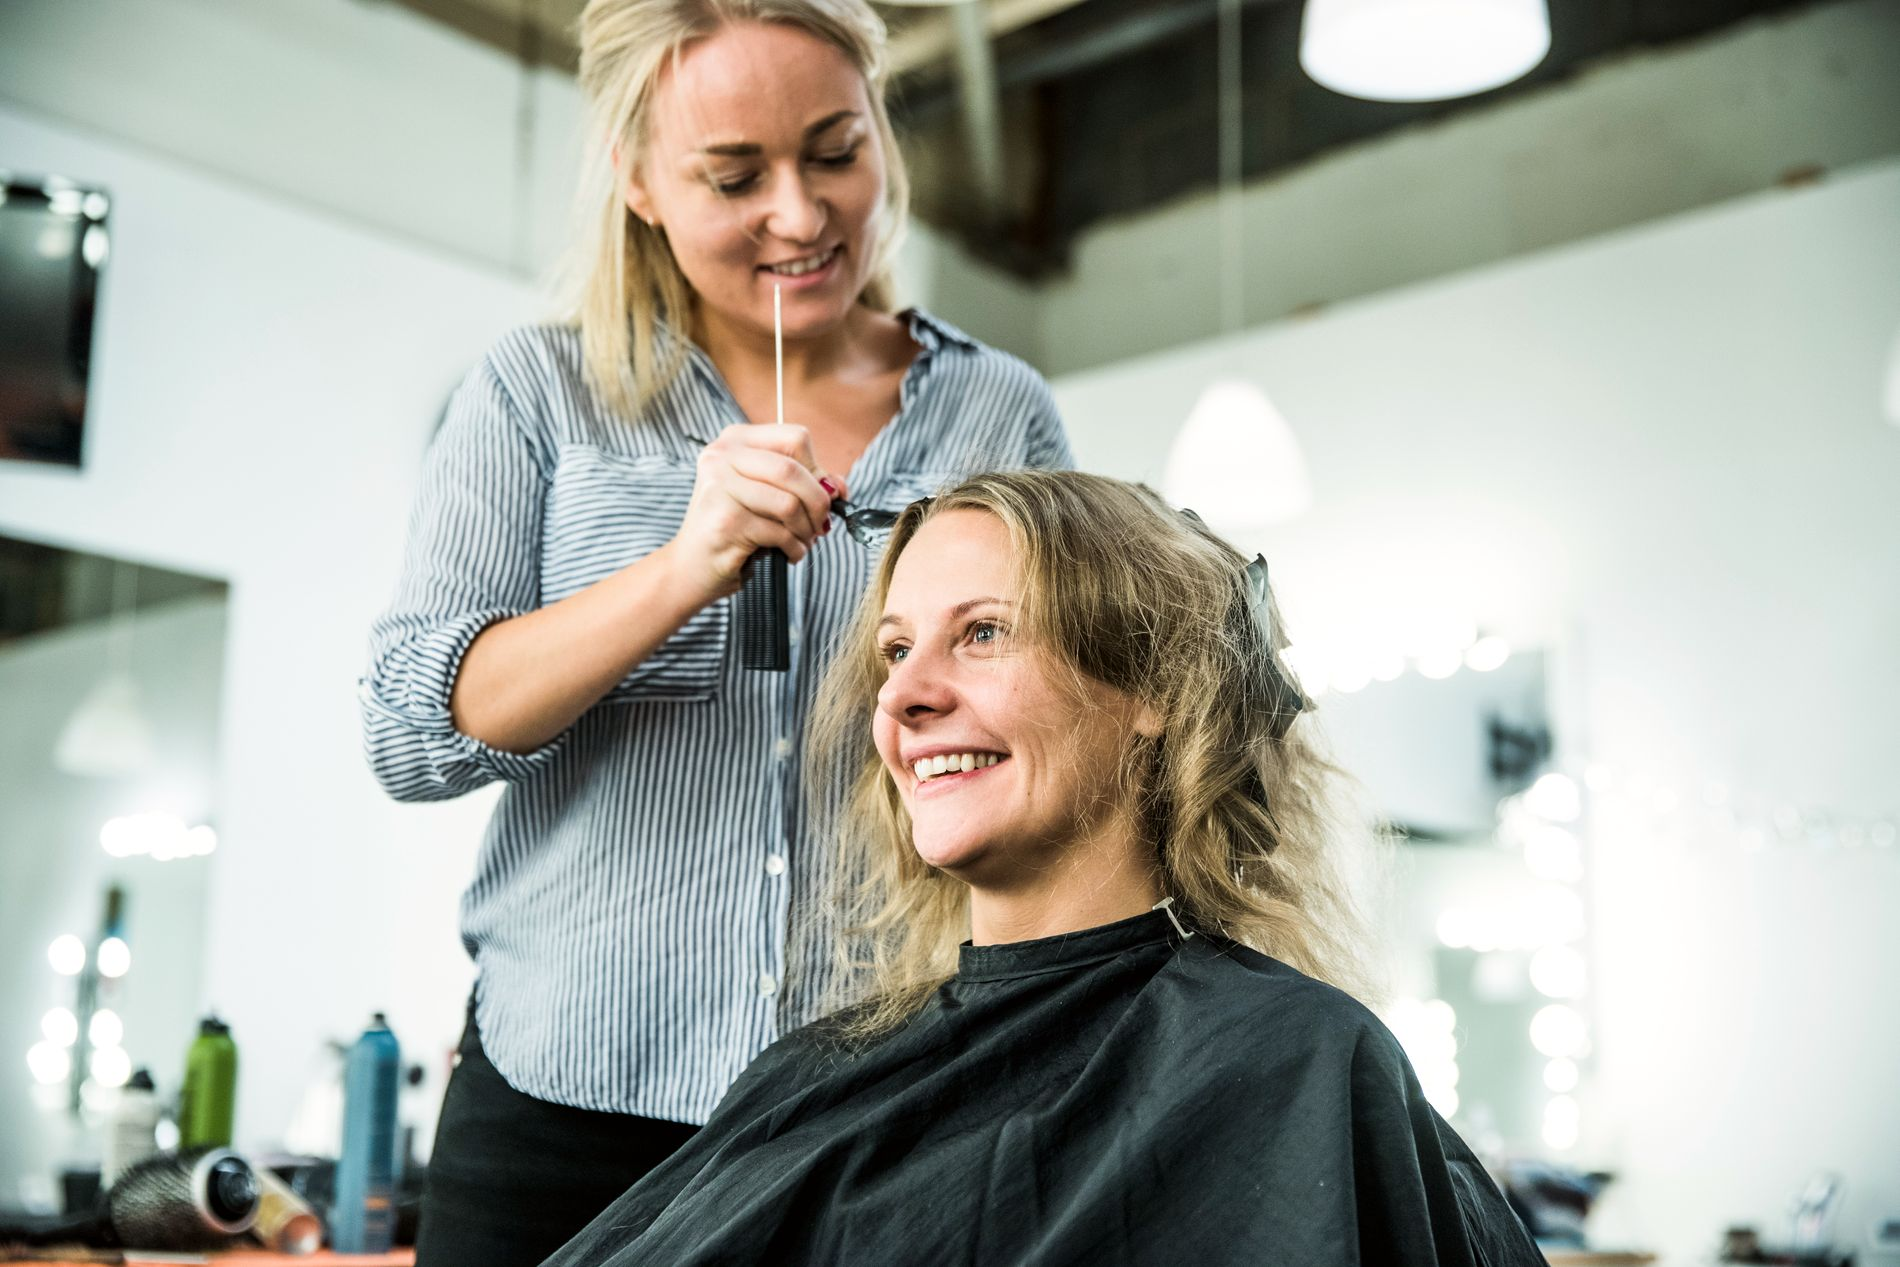 BLIR FESTKLAR: Cici Henriksen får håret farget av frisør Sanna Schou Svennevik etter innspillingen